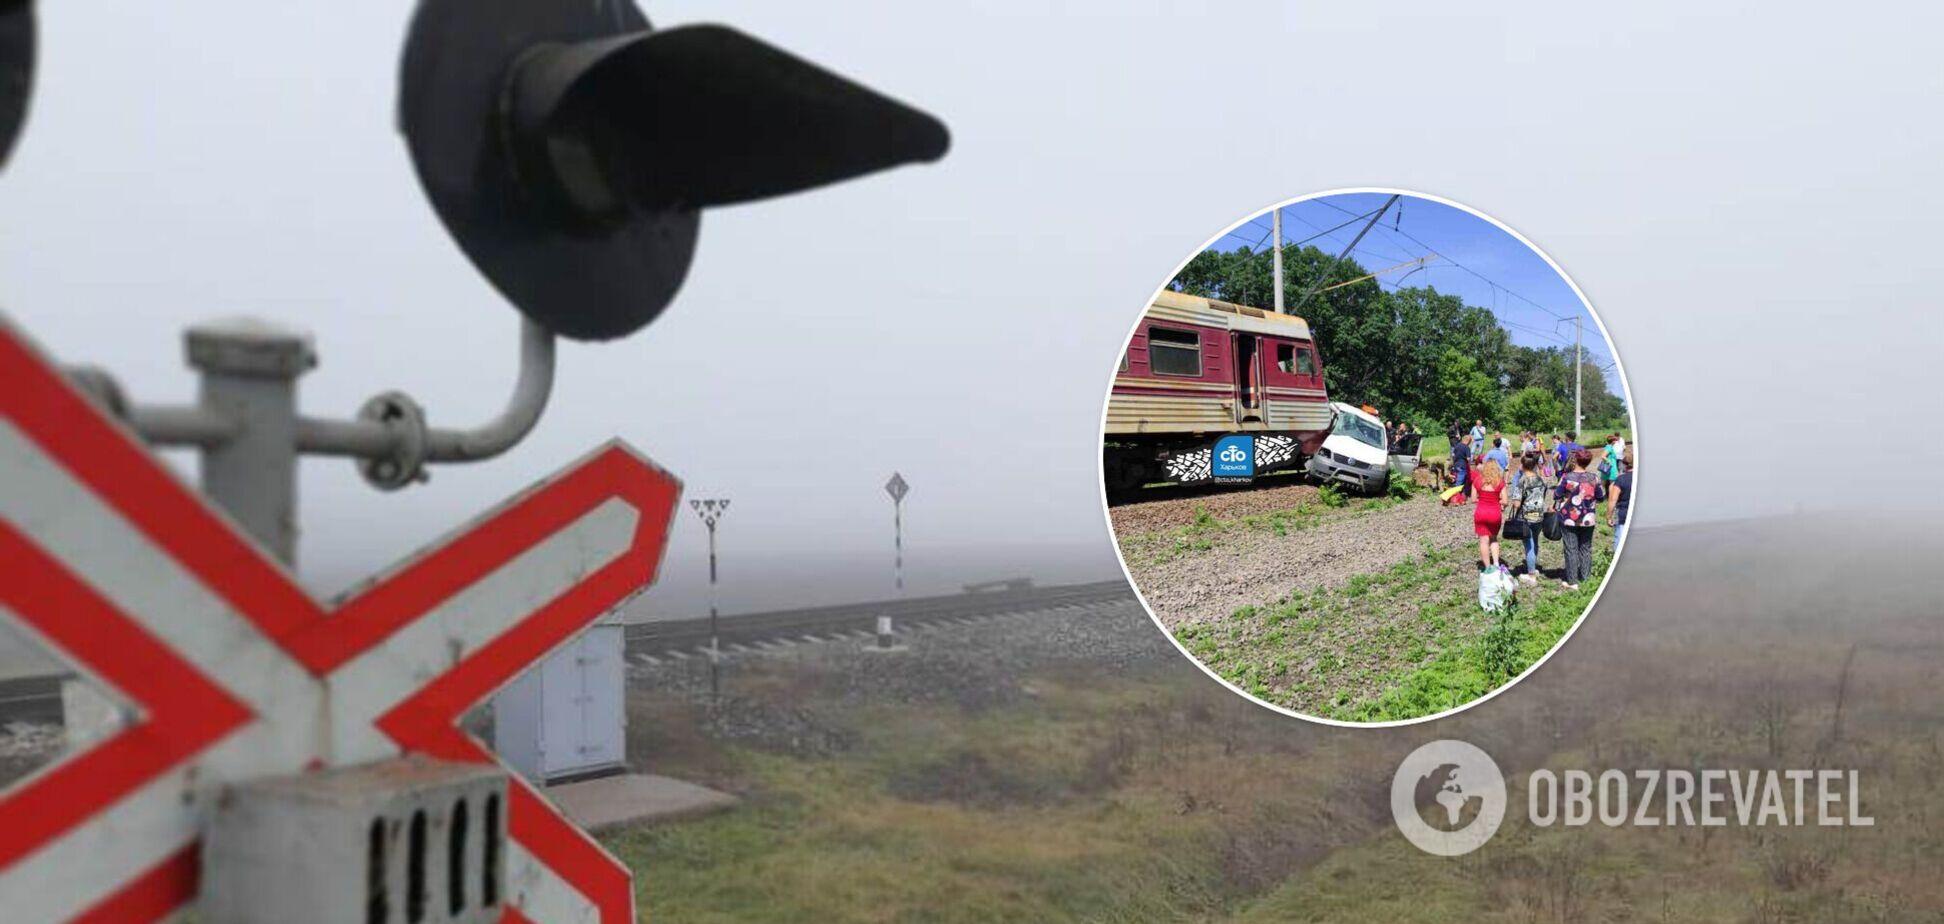 Під Харковом поїзд зніс мікроавтобус на переїзді. Фото та відео